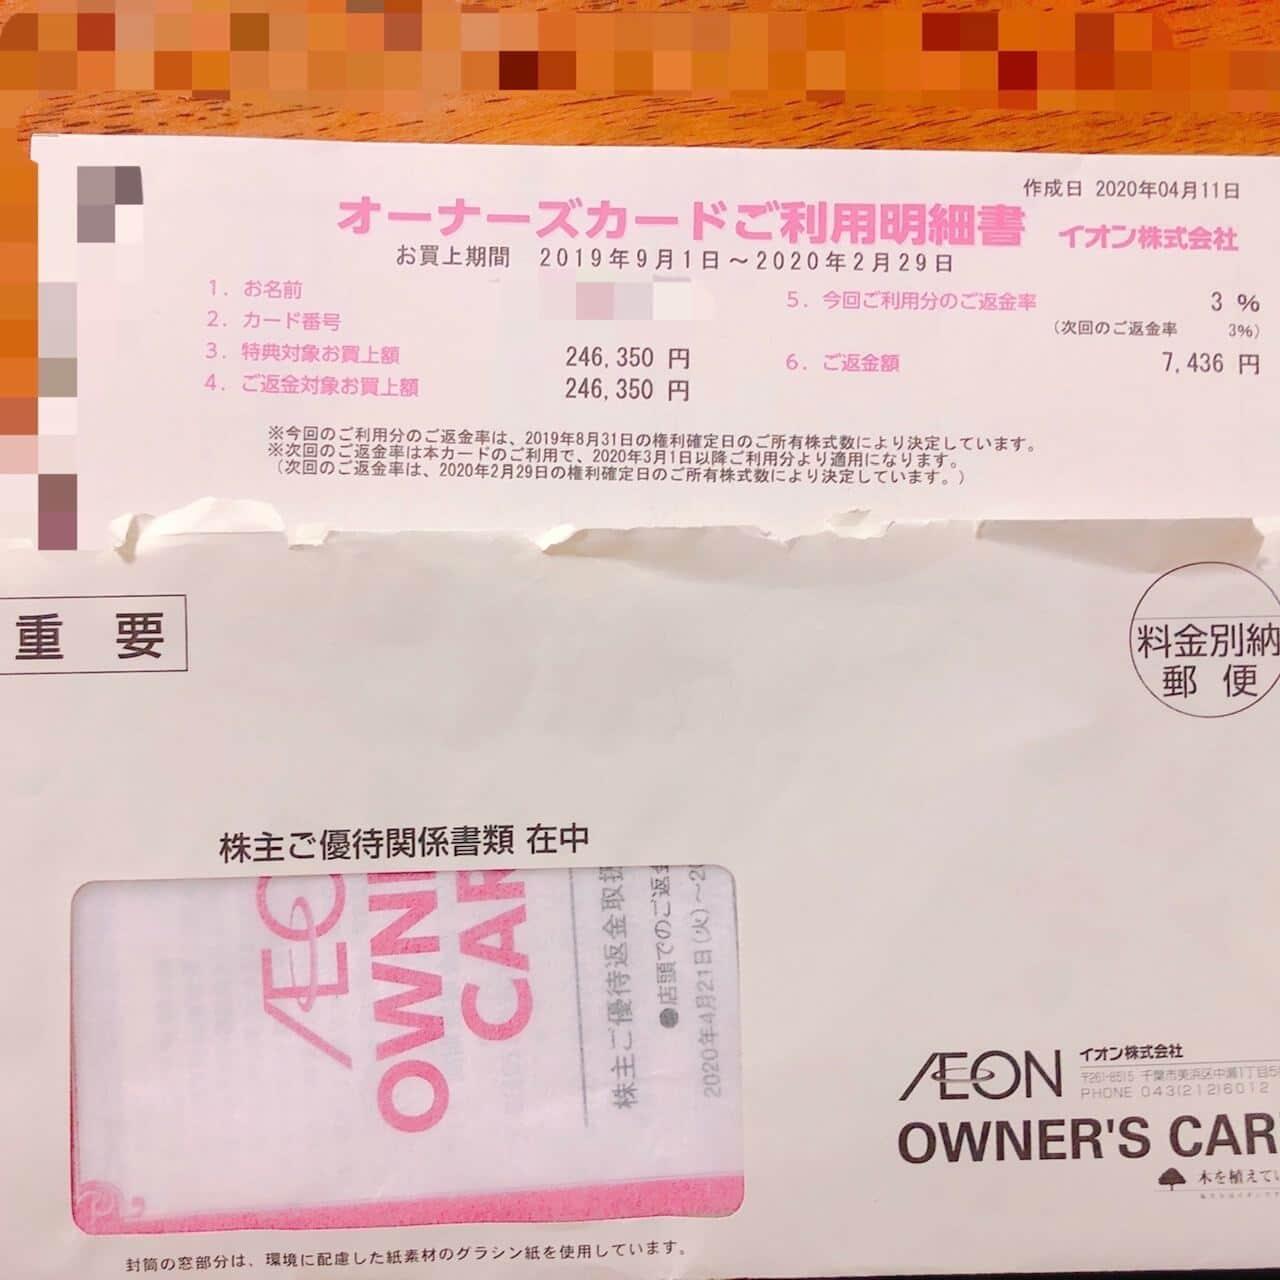 イオンから届いた株主優待の封筒写真